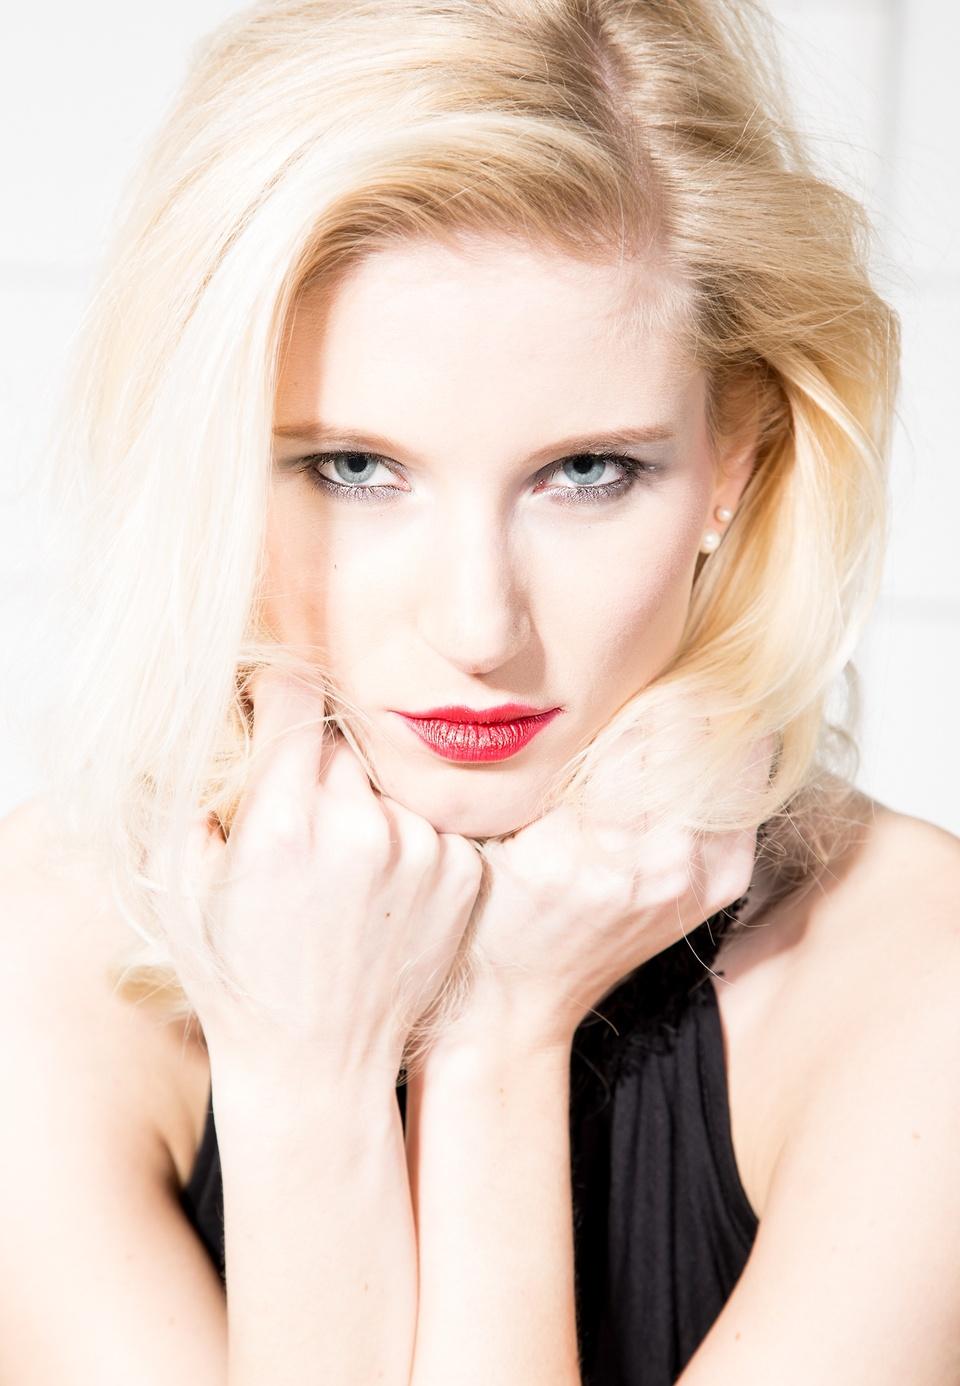 ...blond beauty...